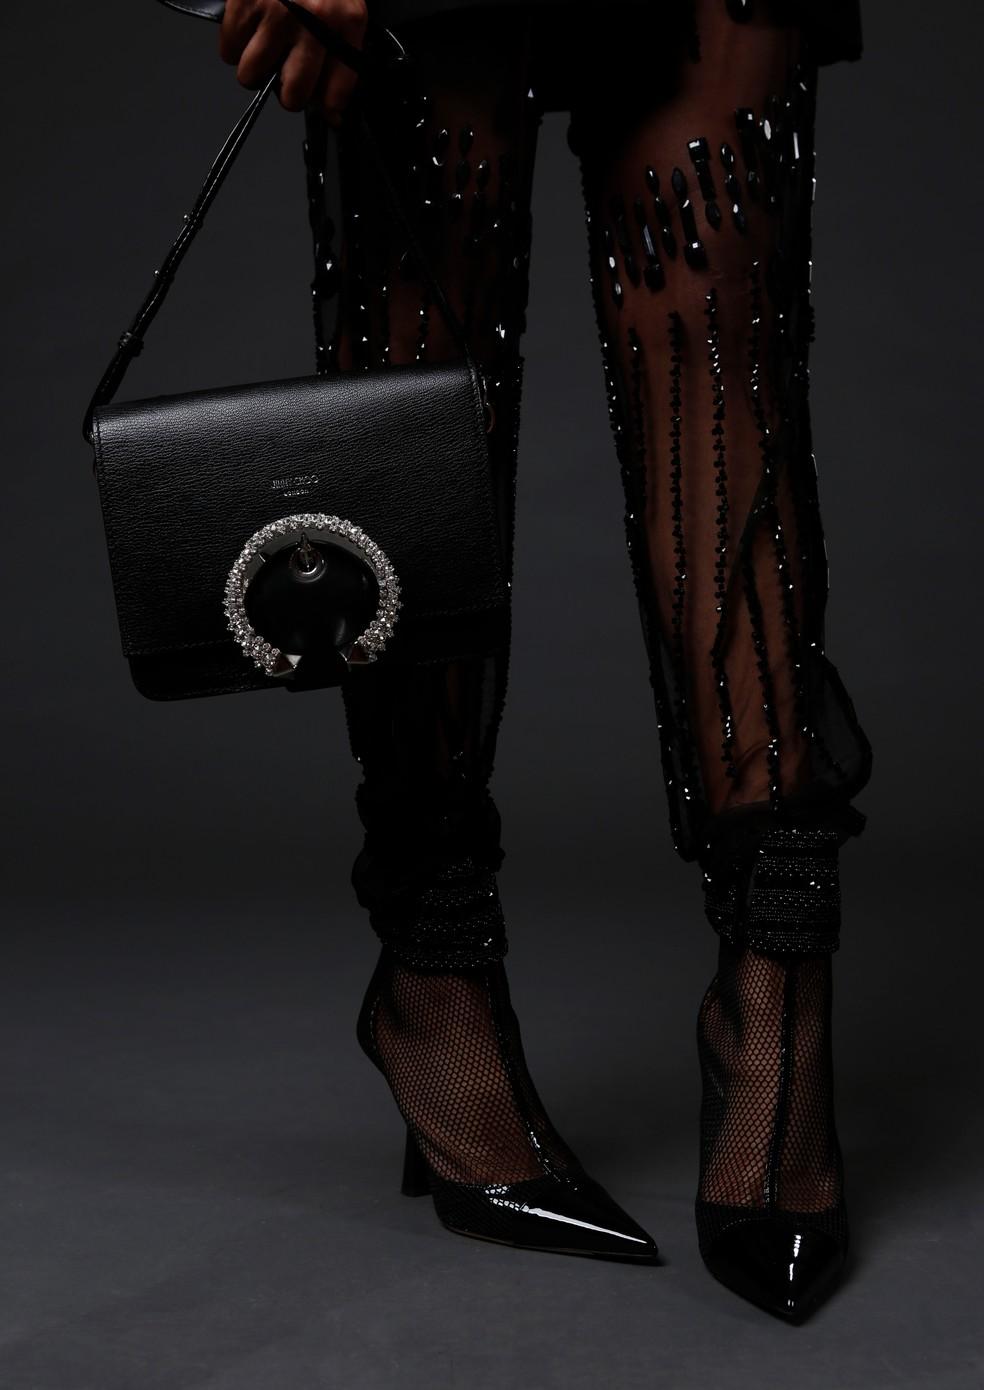 Aproveite para ver detalhes da bolsa e do sapato de Lucy Ramos — Foto: Fabiano Battaglin/Gshow